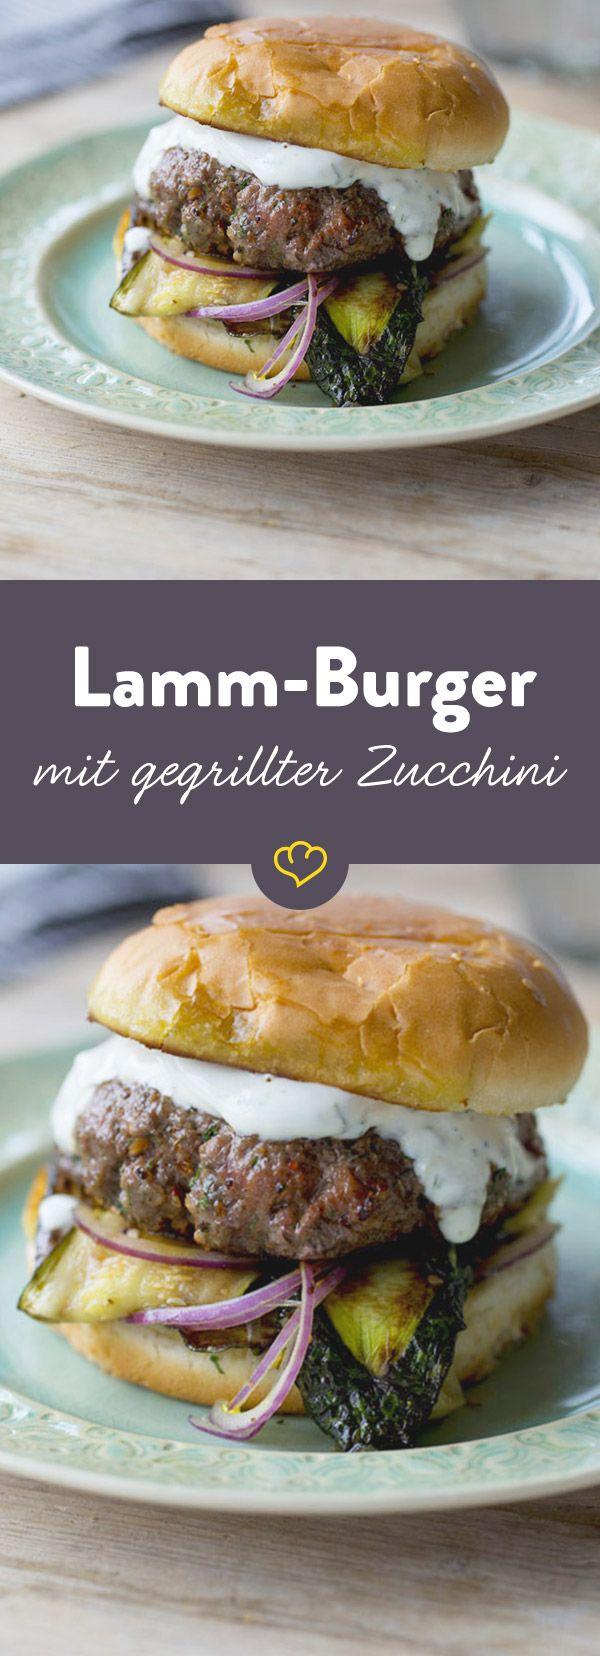 Dieser typisch griechische Lamm Burger vereint alle Aromen und Zutaten der griechischen Küche auf einem raffinierten Burger.